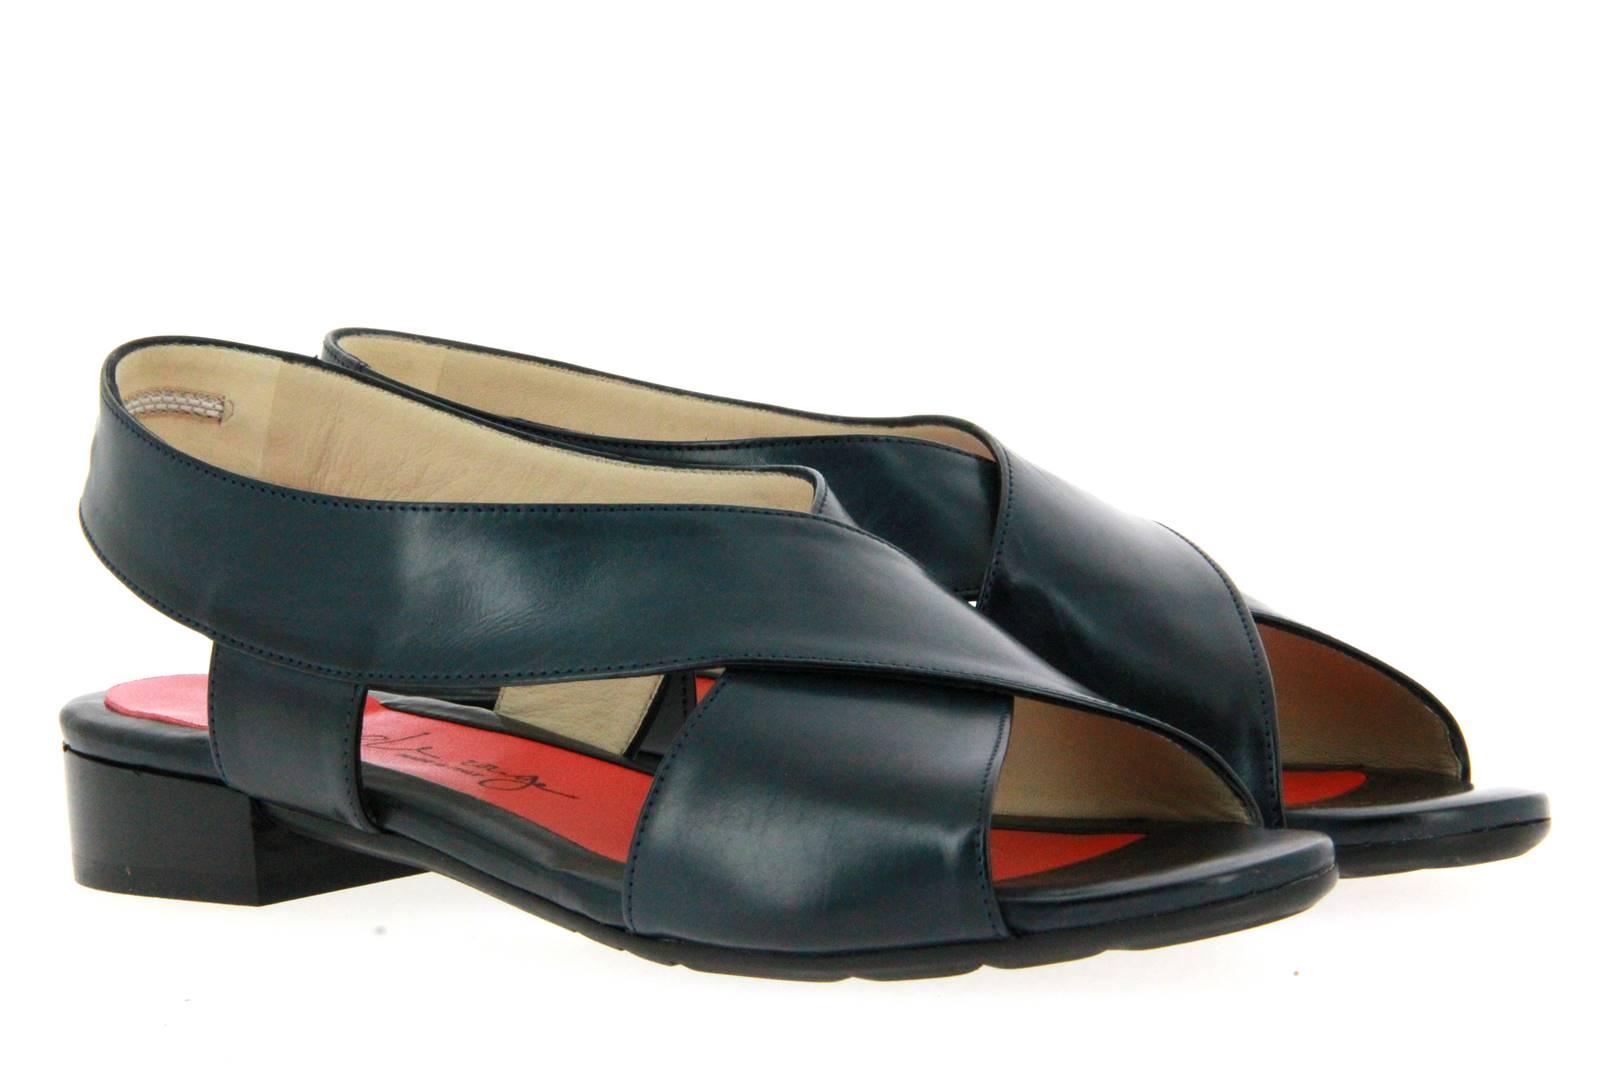 Pas de rouge sandal MILA PARMA BLU